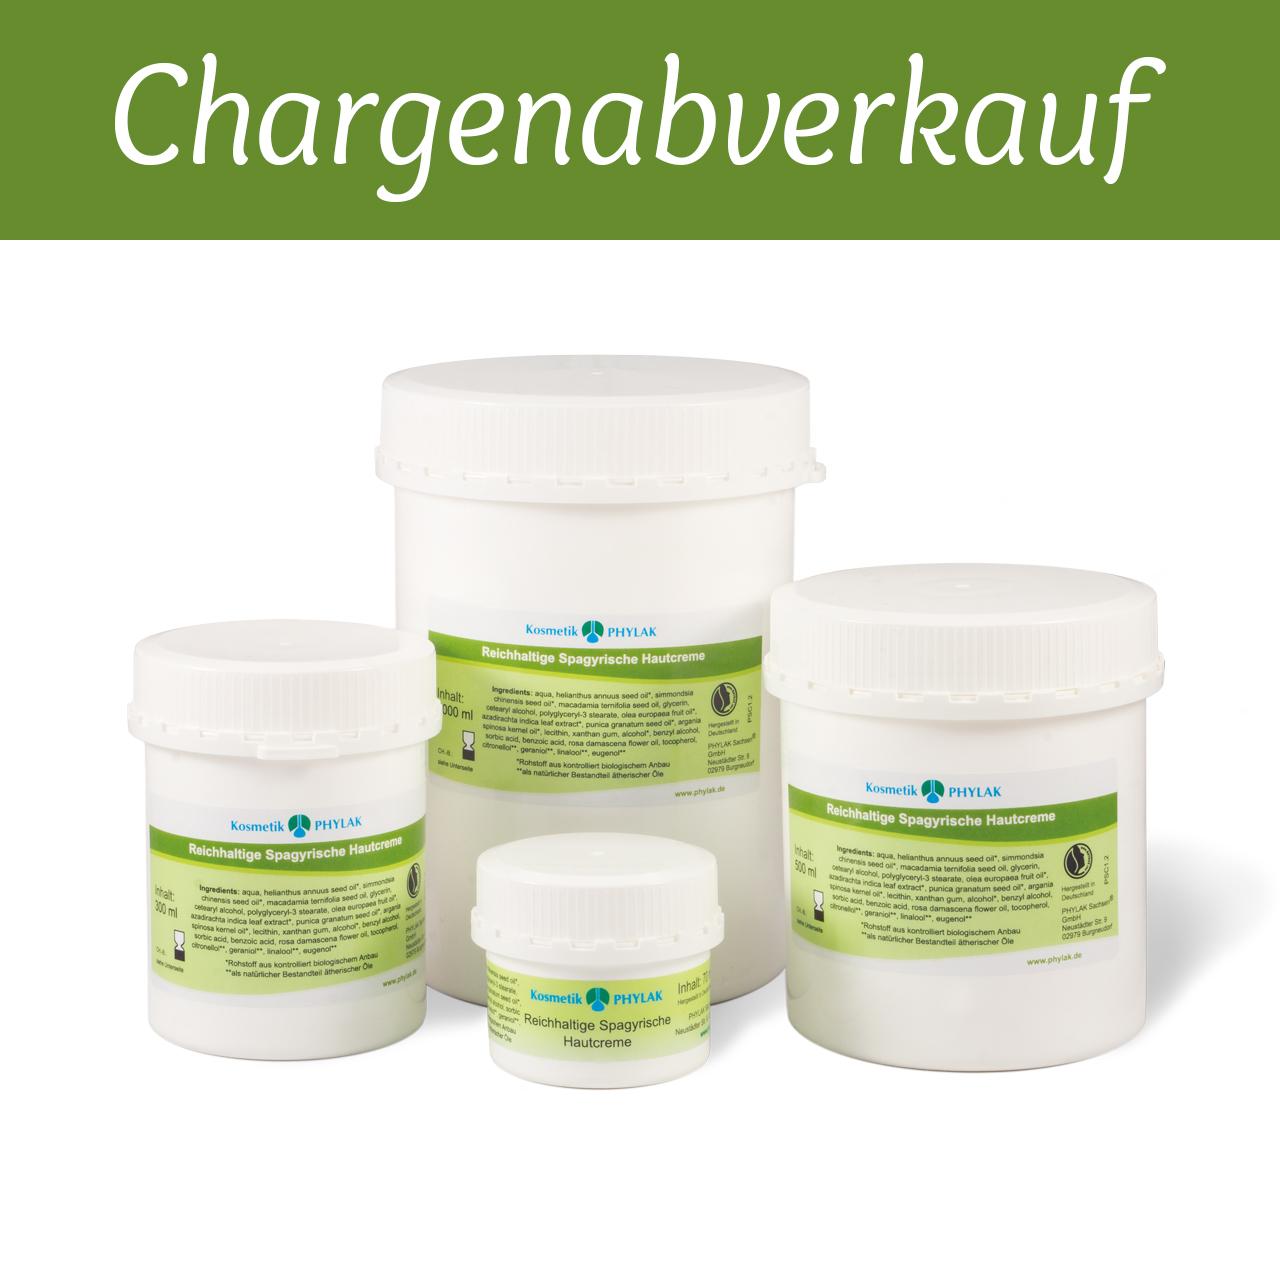 PSC 1.2 – Reichhaltige Spagyrische Hautcreme (1.000 ml)